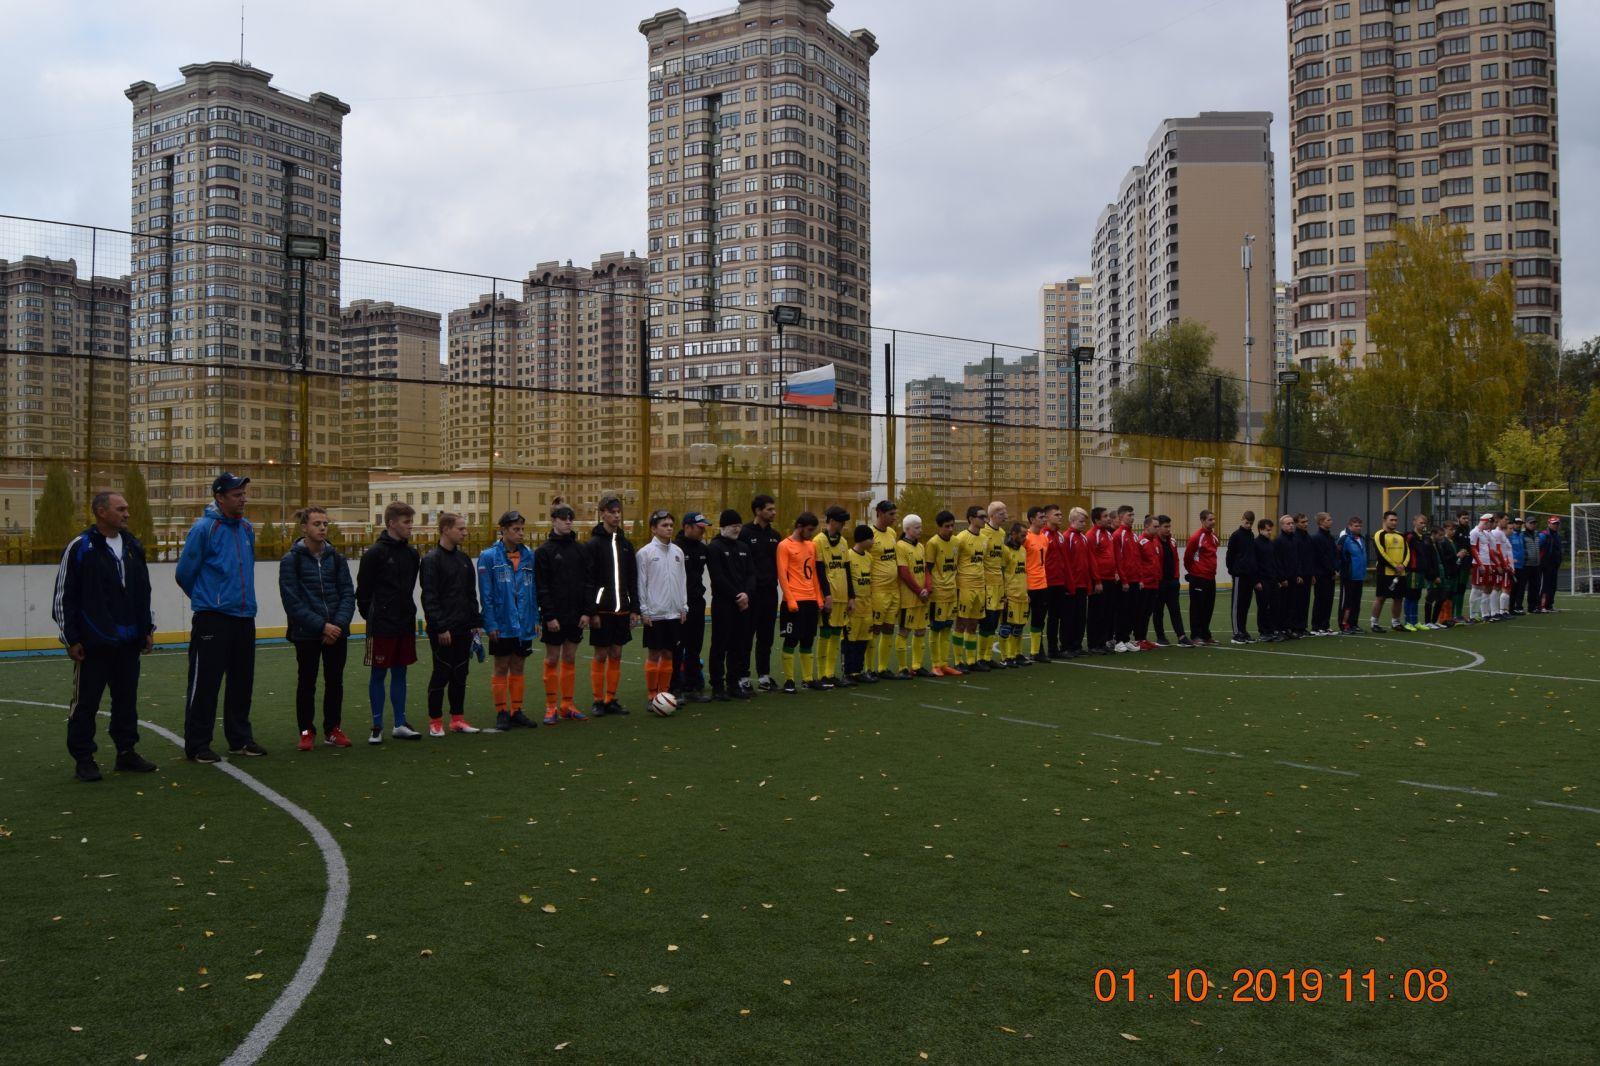 6 команд в Раменском в СОК «Сатурн» ведут борьбу за медали первенства России по мини-футболу 5х5 класс В1 (тотально-слепые)